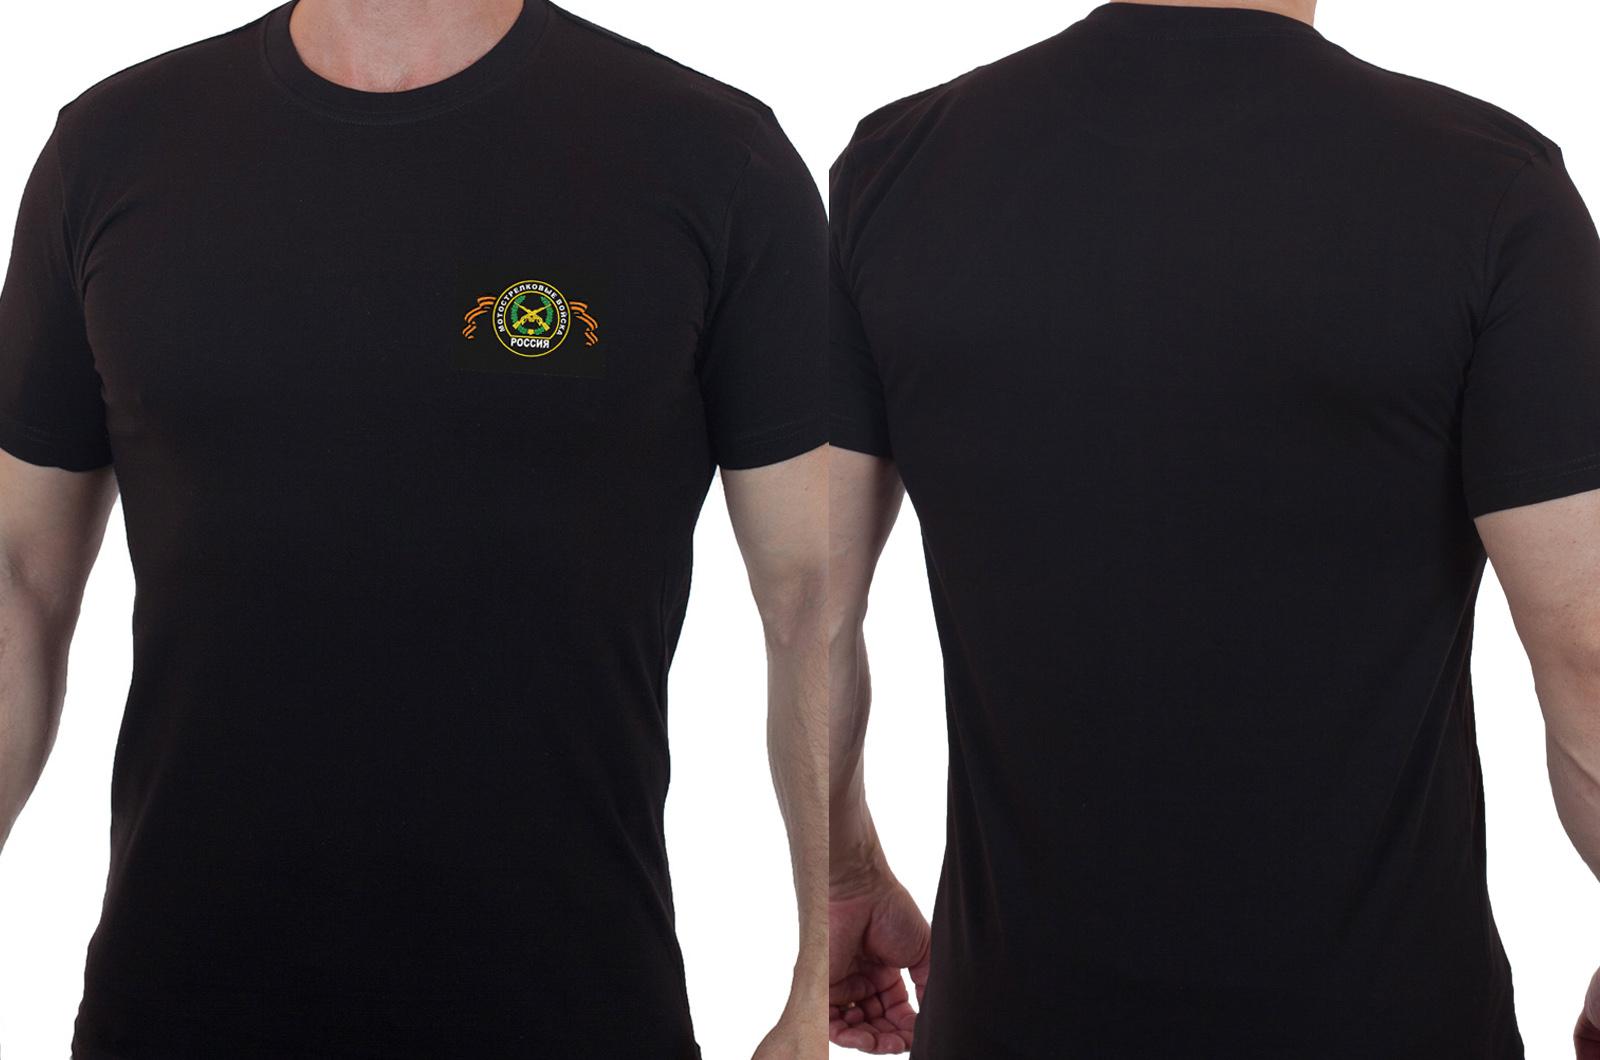 Мужская зачетная футболка с вышитым шевроном Мотострелковые войска РФ - заказать с доставкой